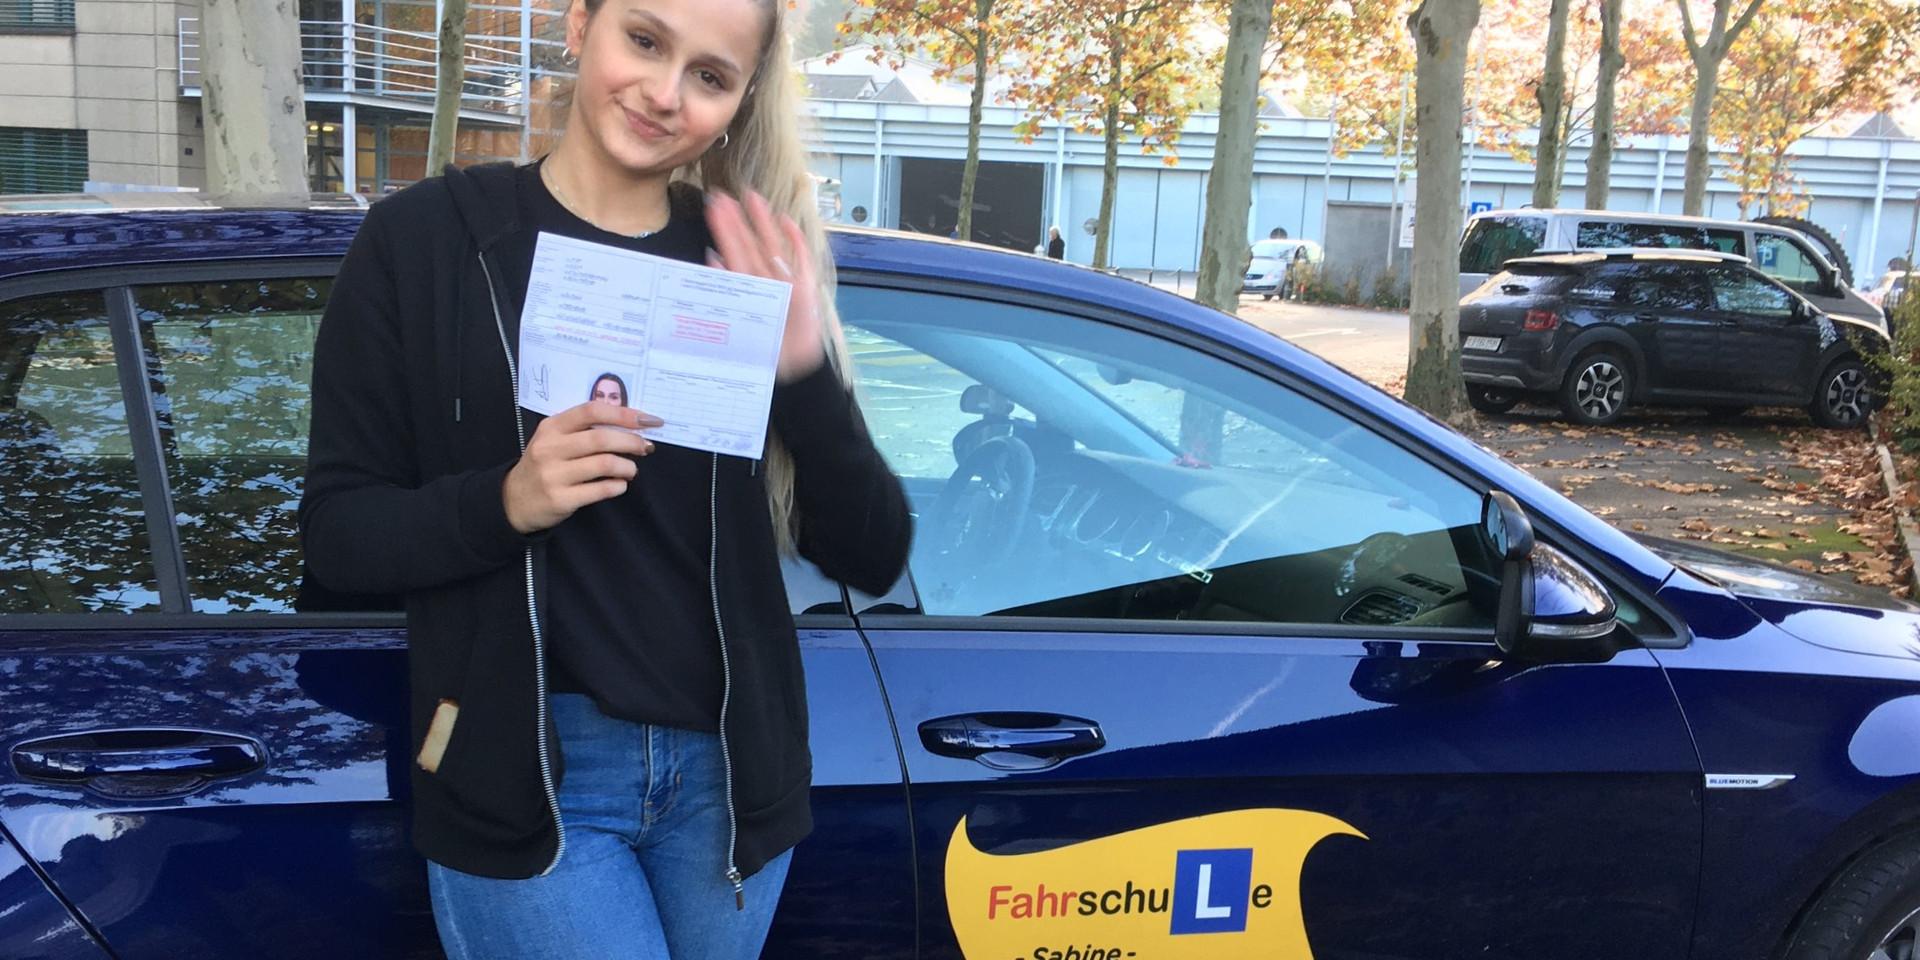 Sabine ist eine geduldige und unterstützende Fahrlehrerin, welche auf alle Bedürfnisse eingeht und mir die Angst vor dem Autofahren nahm. Ich kann Sie nur weiterempfehlen!